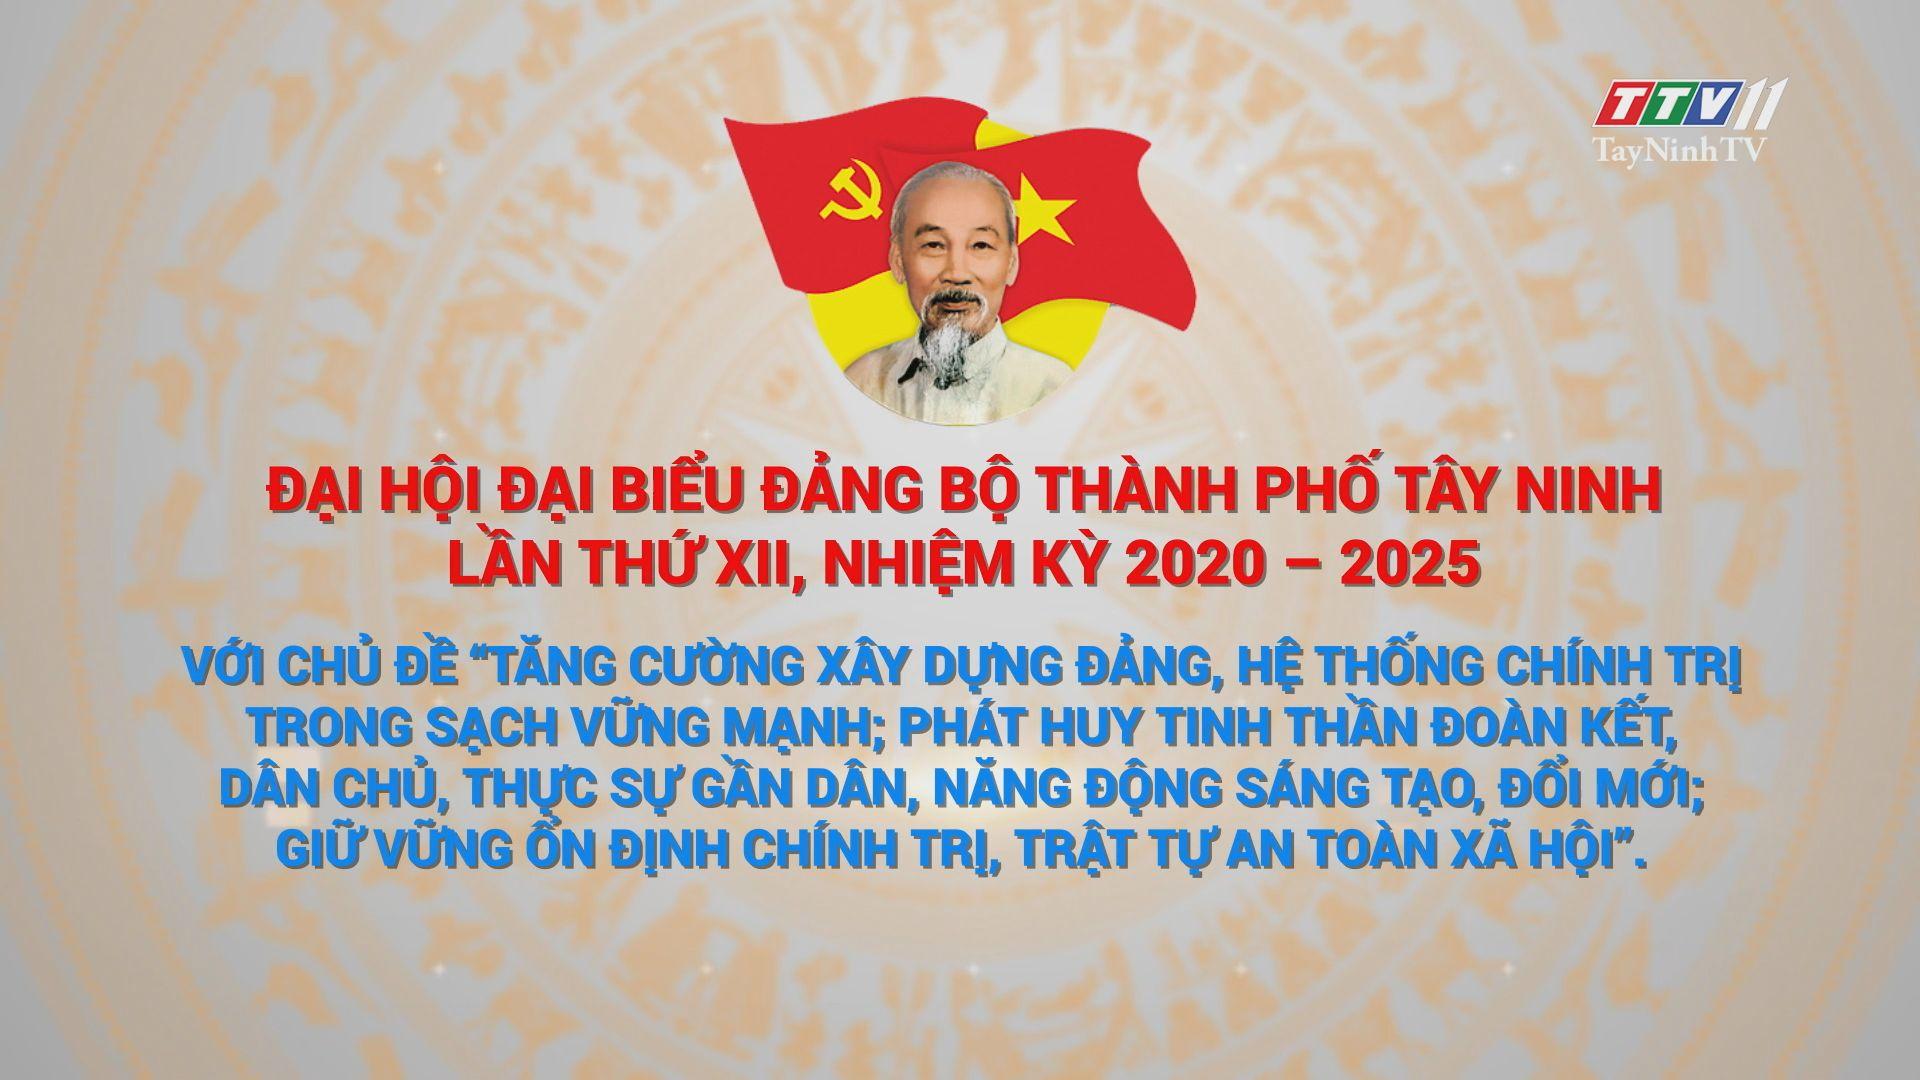 Trailer - Đại hội đại biểu Đảng bộ Thành phố Tây Ninh lần thứ XII, nhiệm kỳ 2020-2025 | ĐẠI HỘI ĐẢNG CÁC CẤP | TayNinhTV